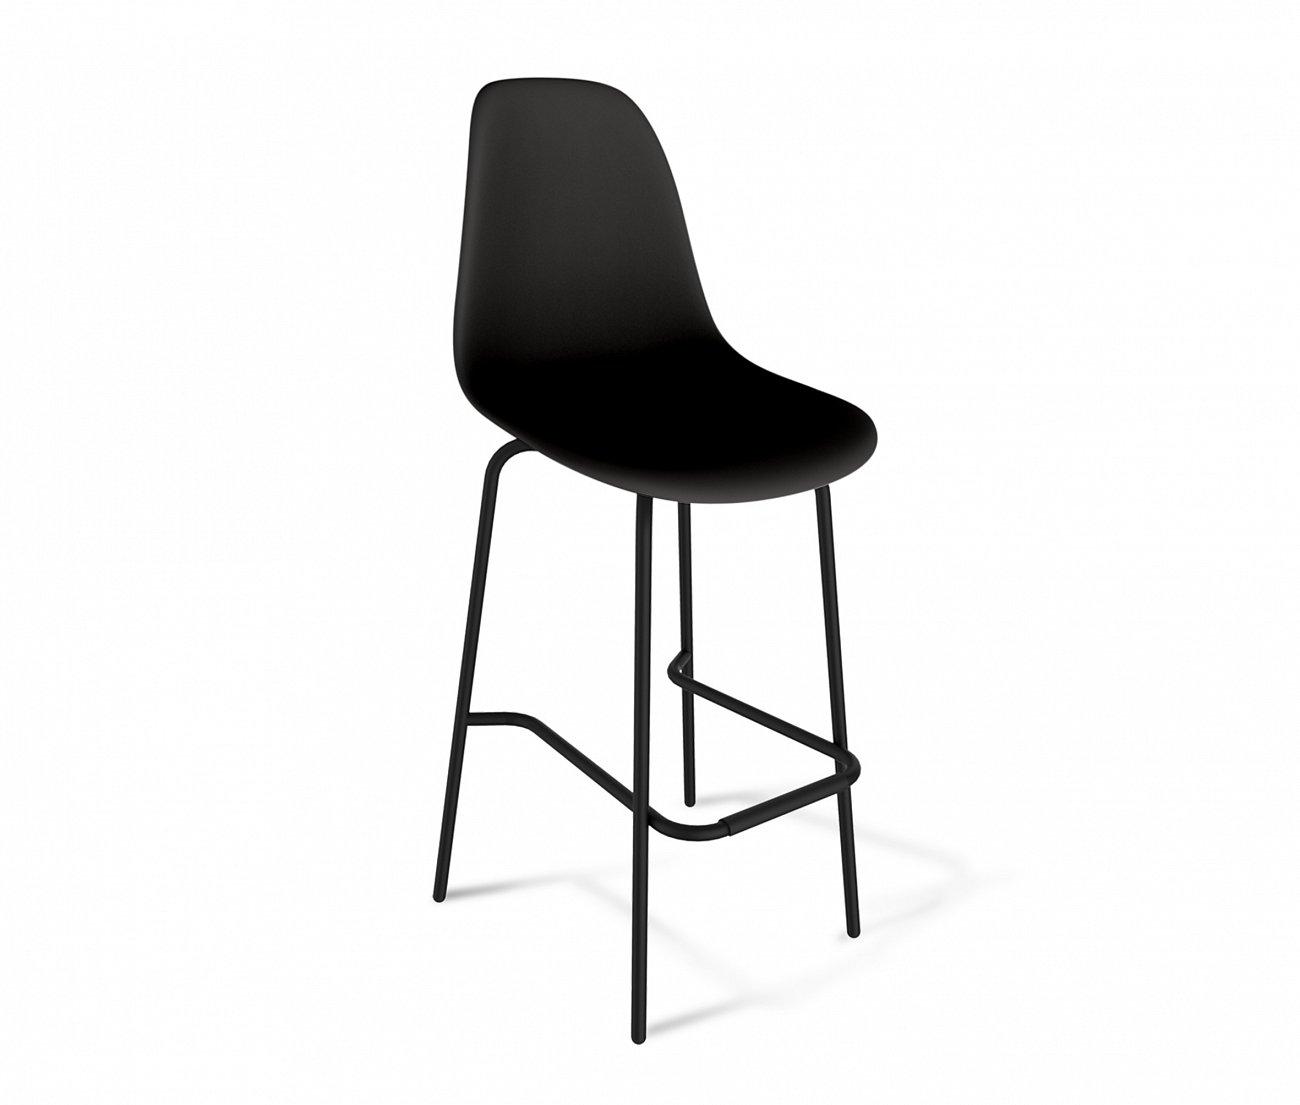 Купить Стул барный DSR чёрный S29 в интернет магазине дизайнерской мебели и аксессуаров для дома и дачи